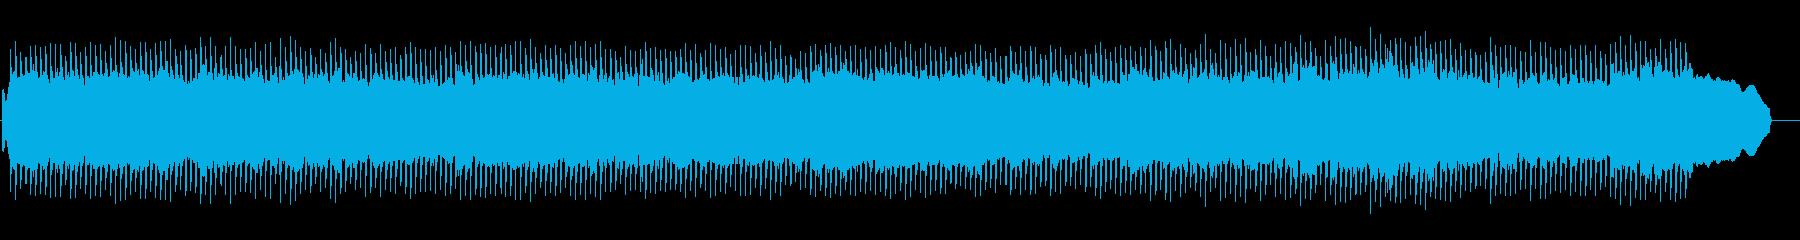 穏やかなコーポレートの再生済みの波形